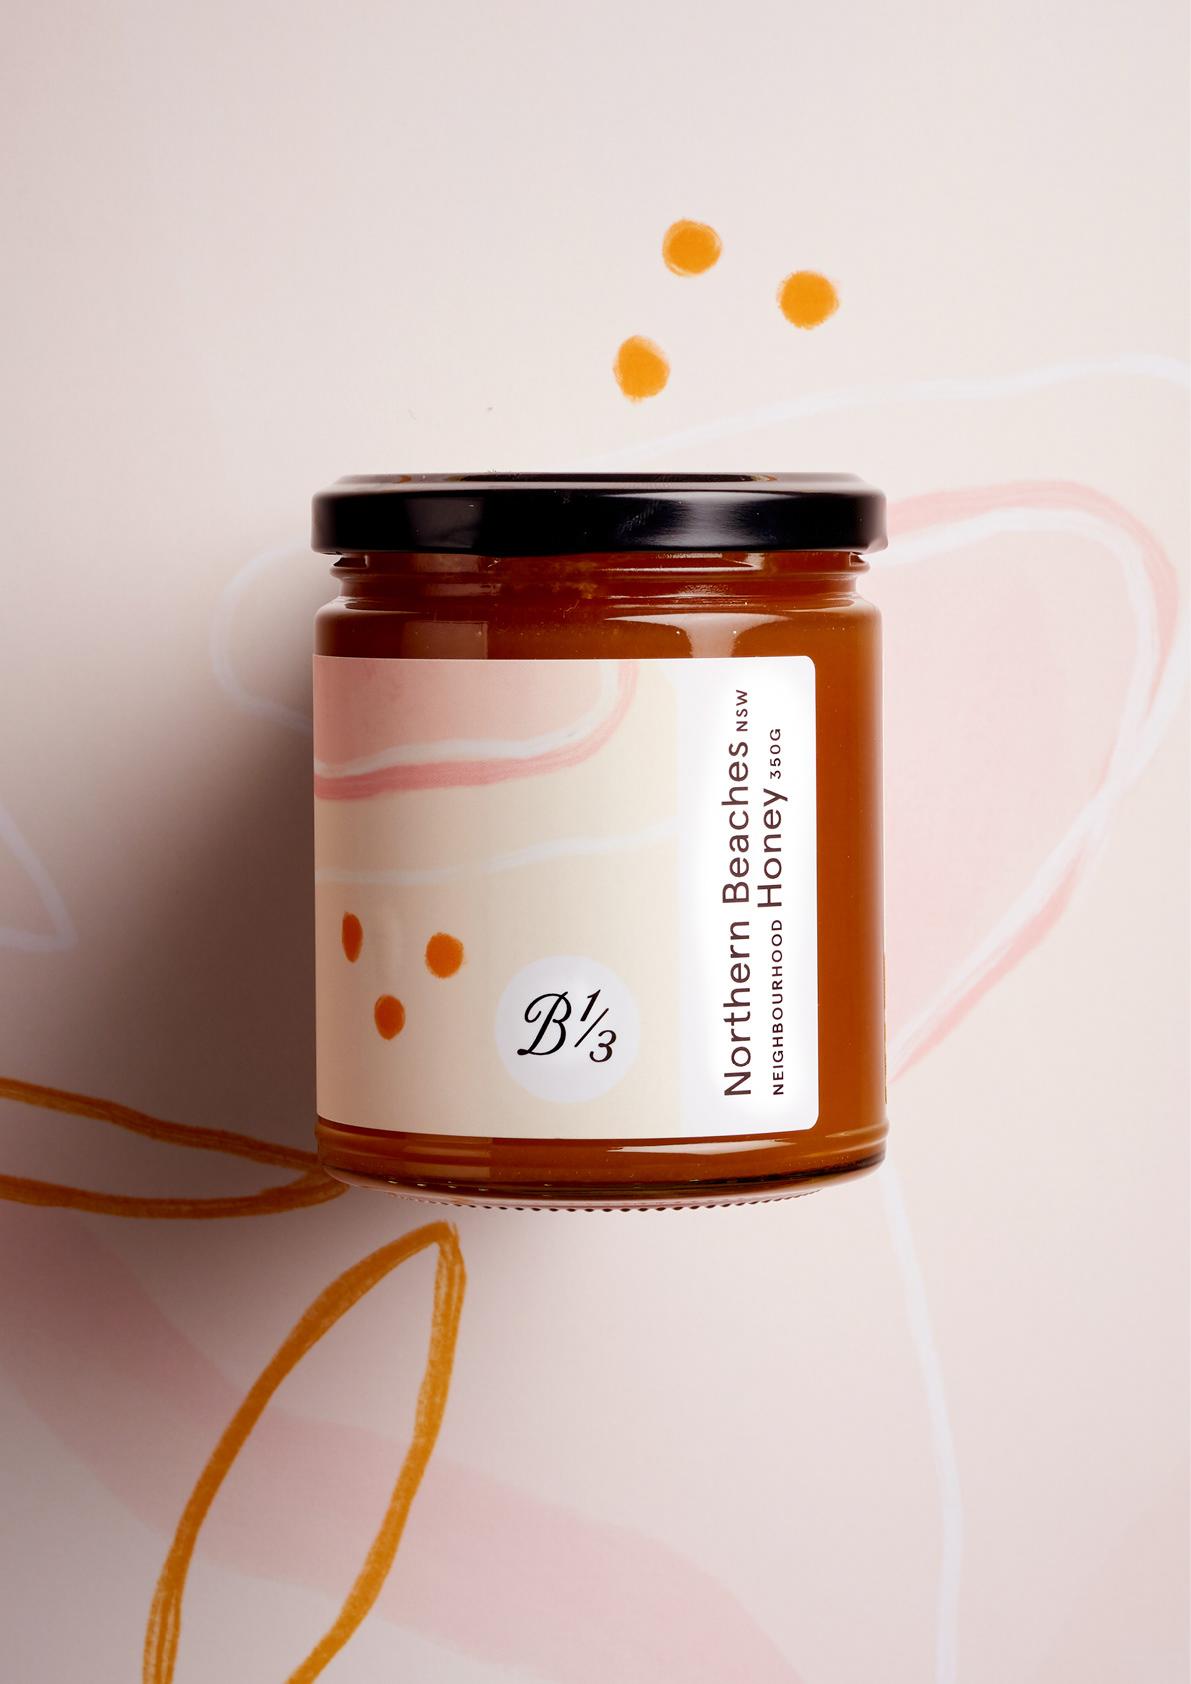 澳大利亚Bee One Third蜂蜜包装设计---酷图编号1282407